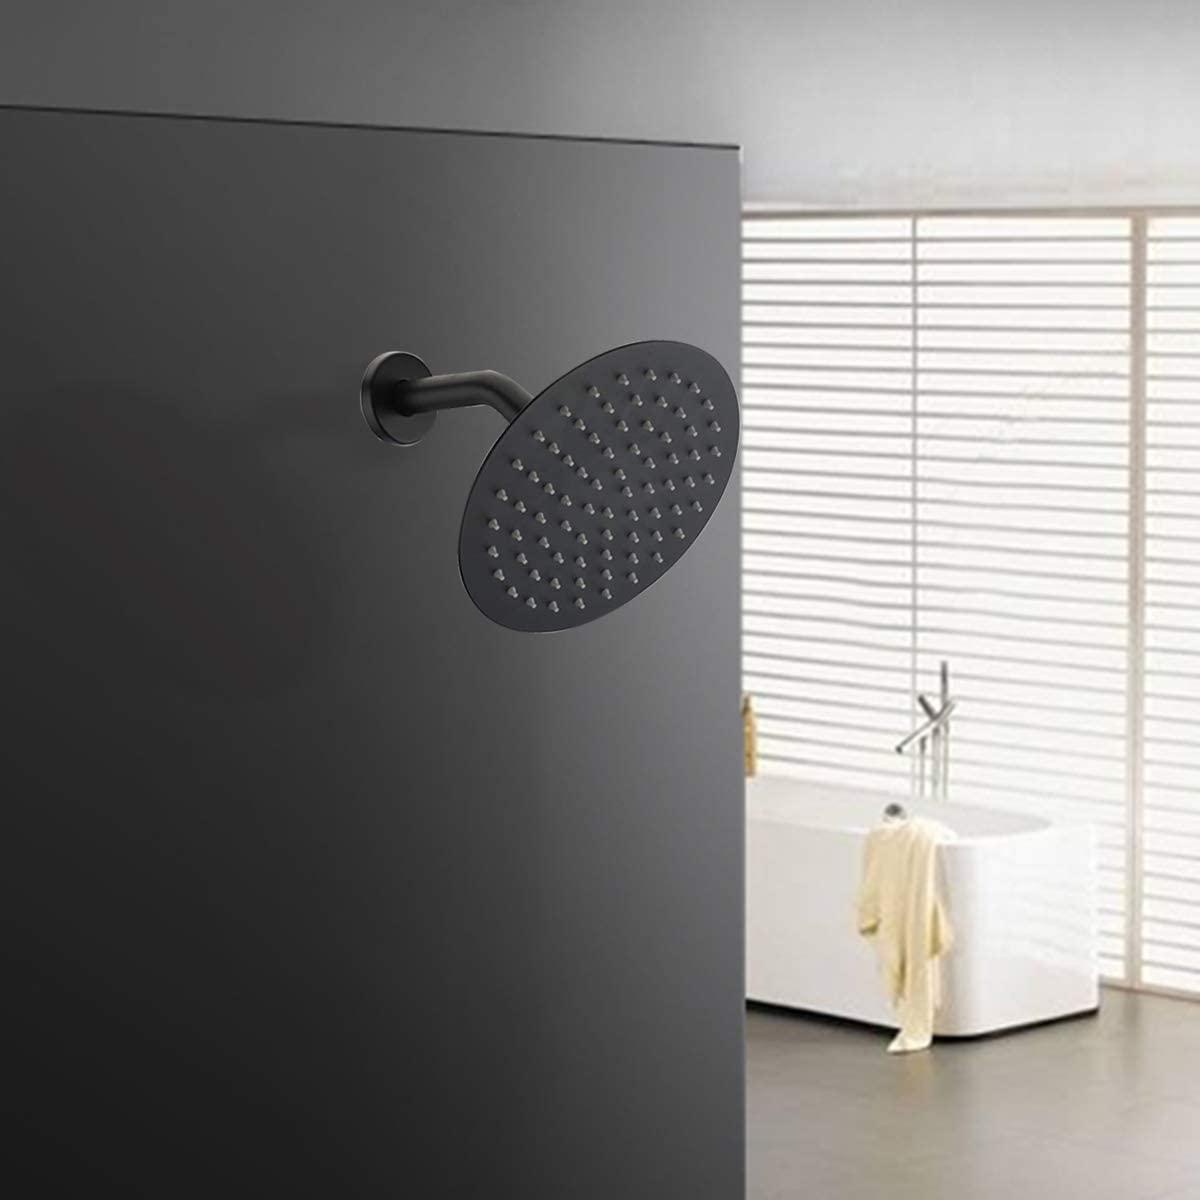 Shower head matching 8 inch round top black toilet shower set